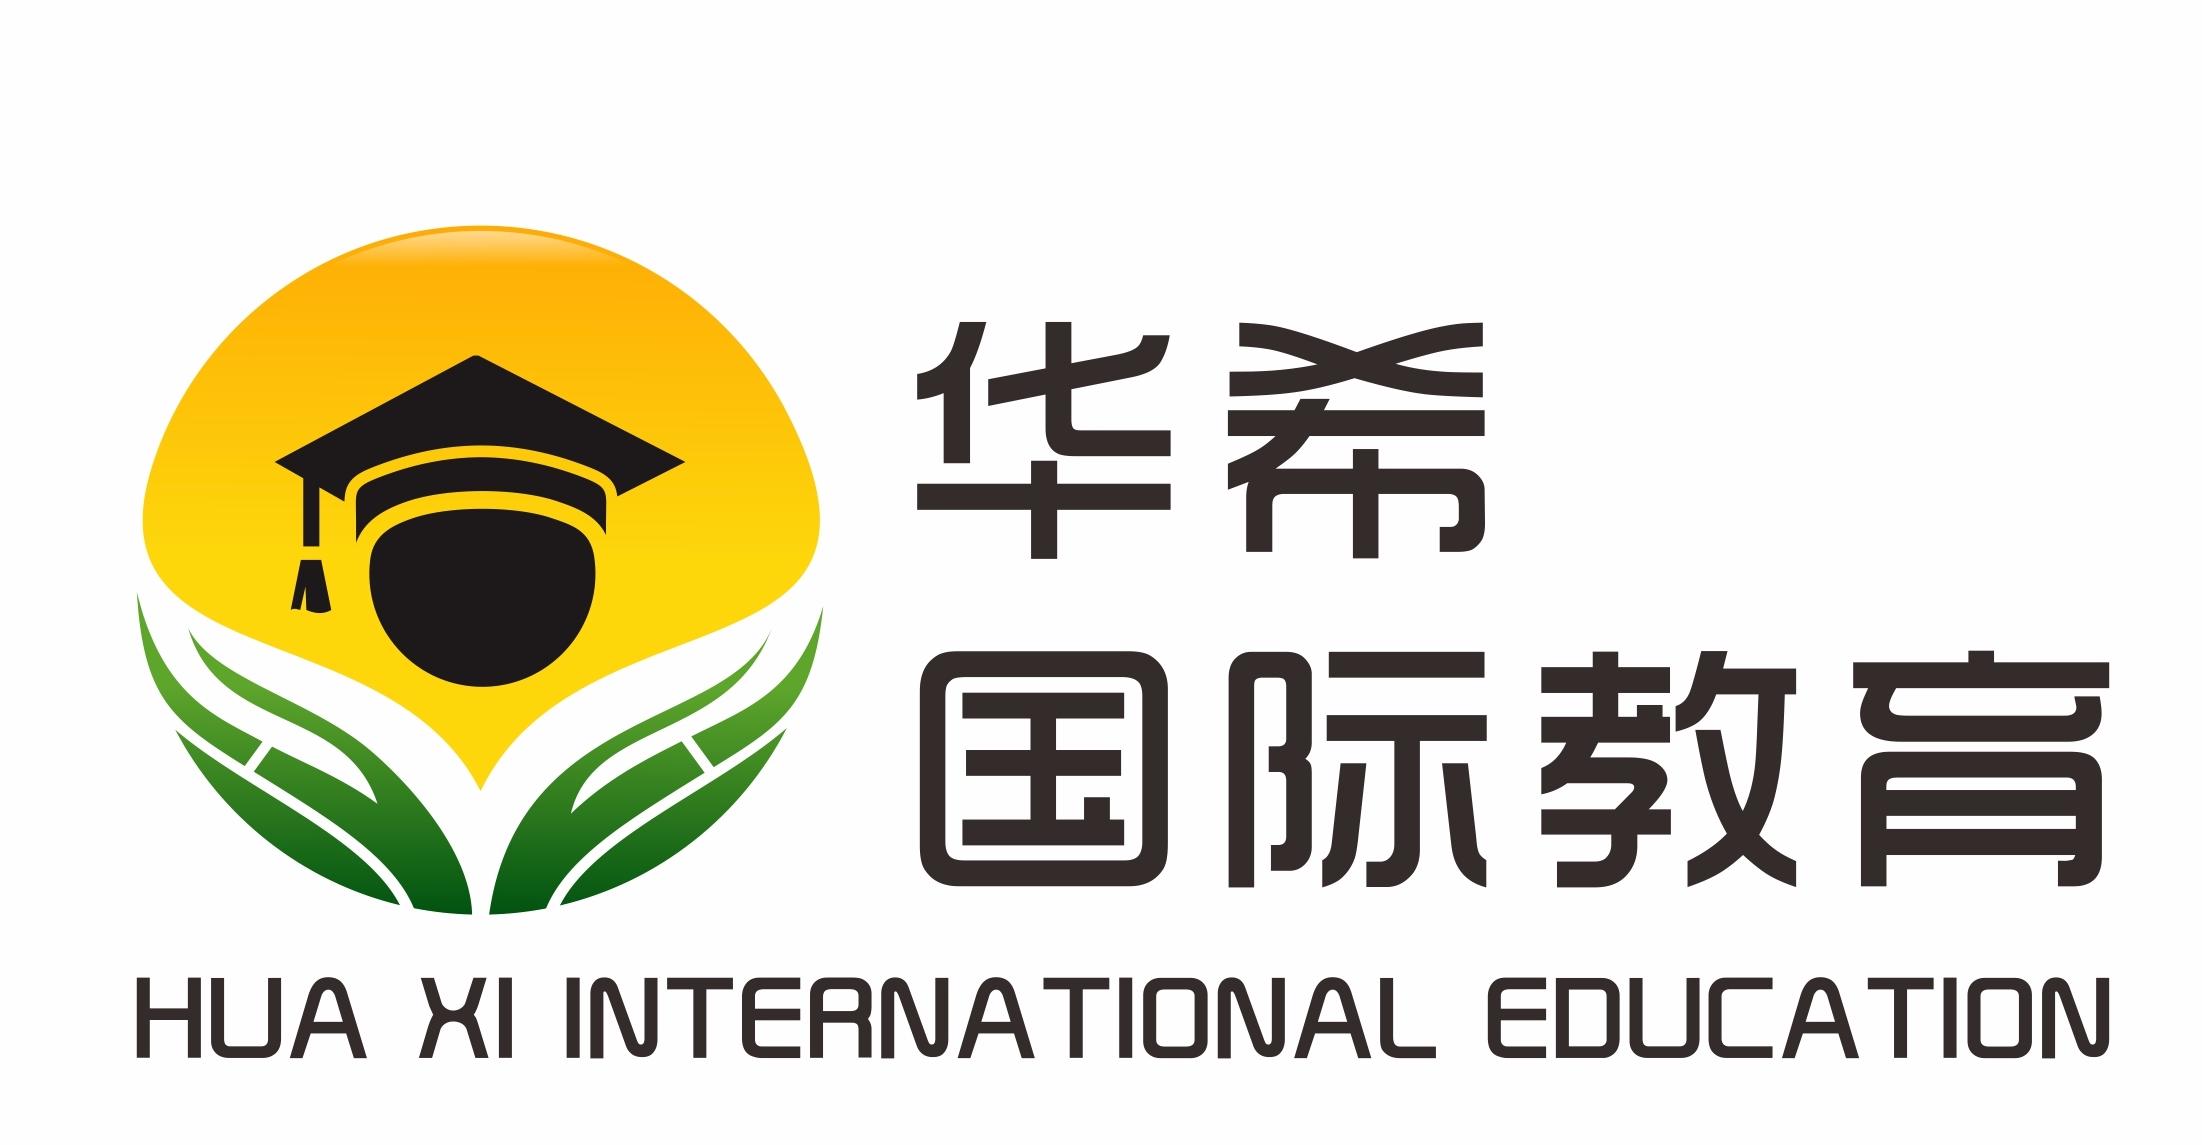 深圳市华希国际教育科技有限公司日本语教学日企招聘信息